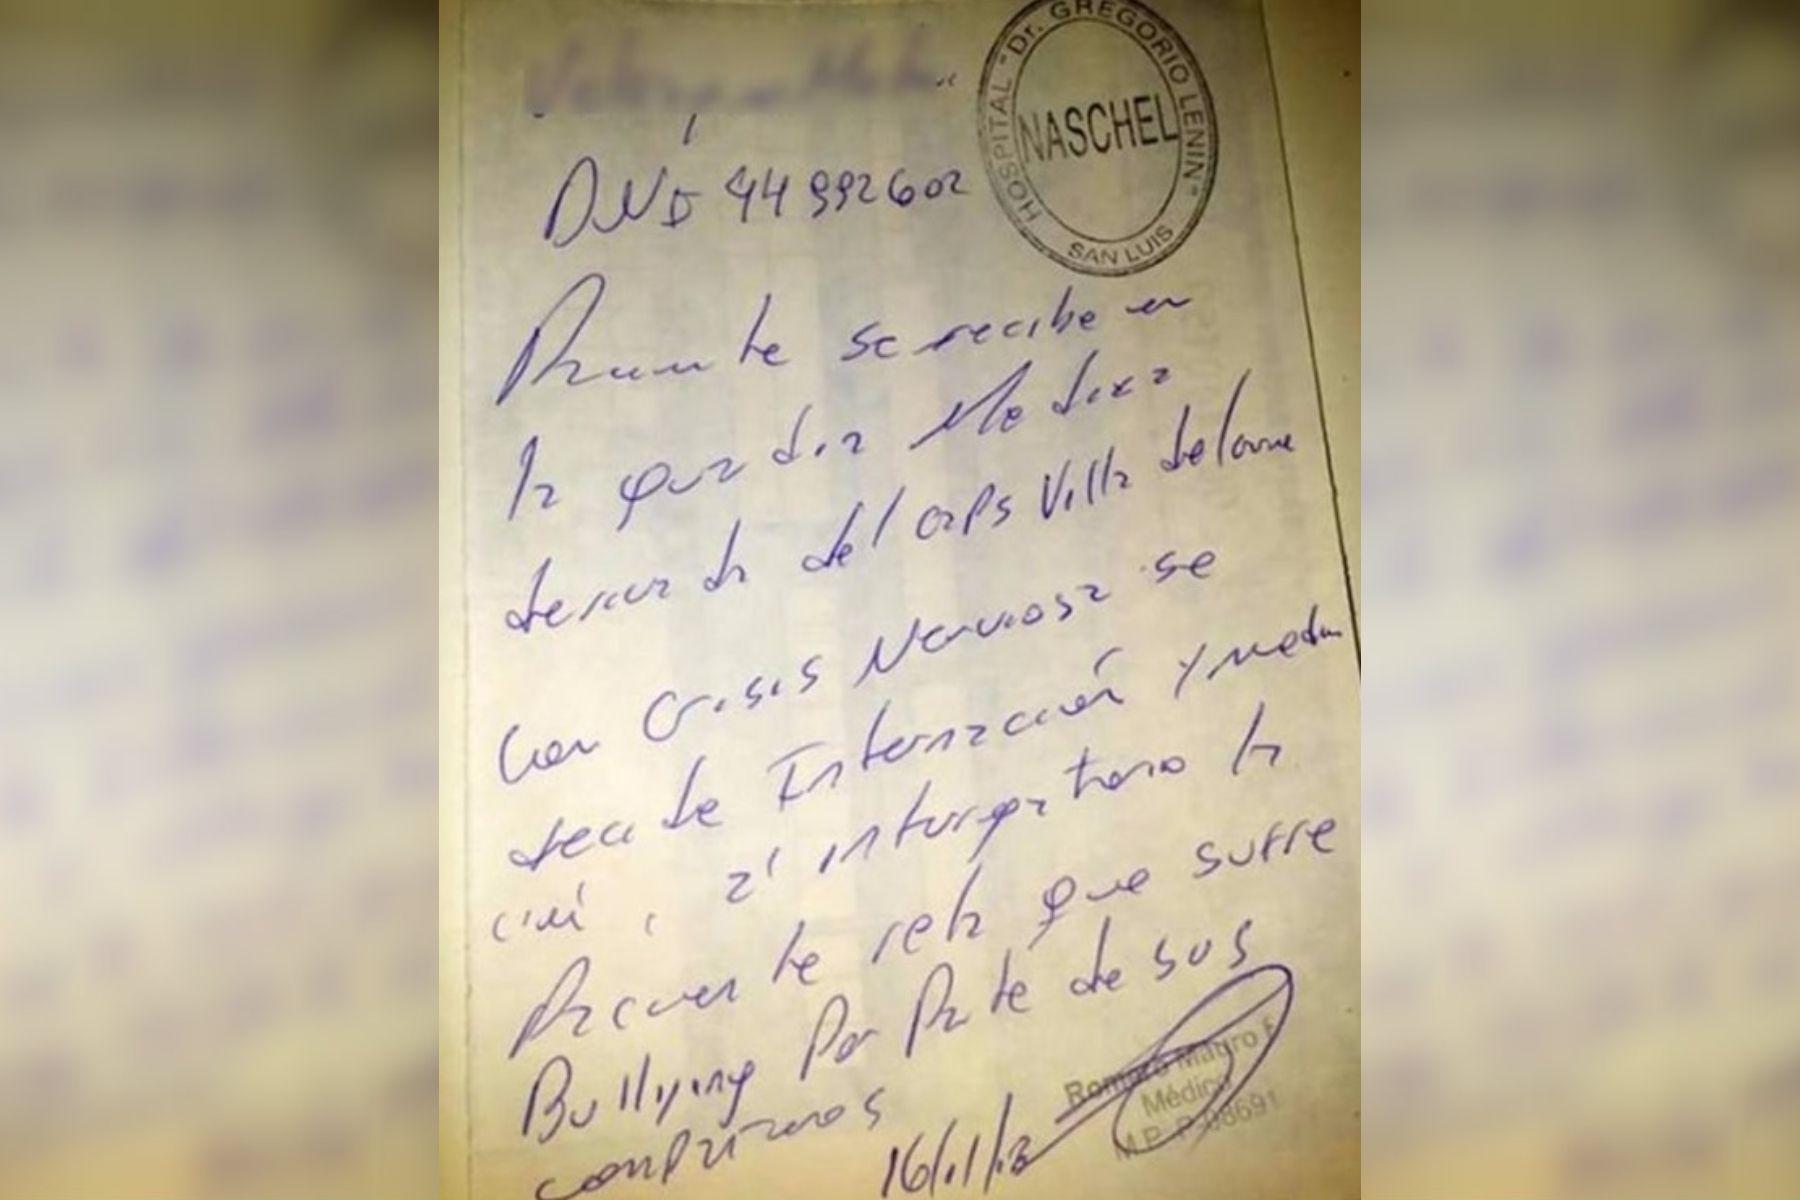 La mamá de la víctima posteó una foto de su hija en el hospital y el certificado médico.